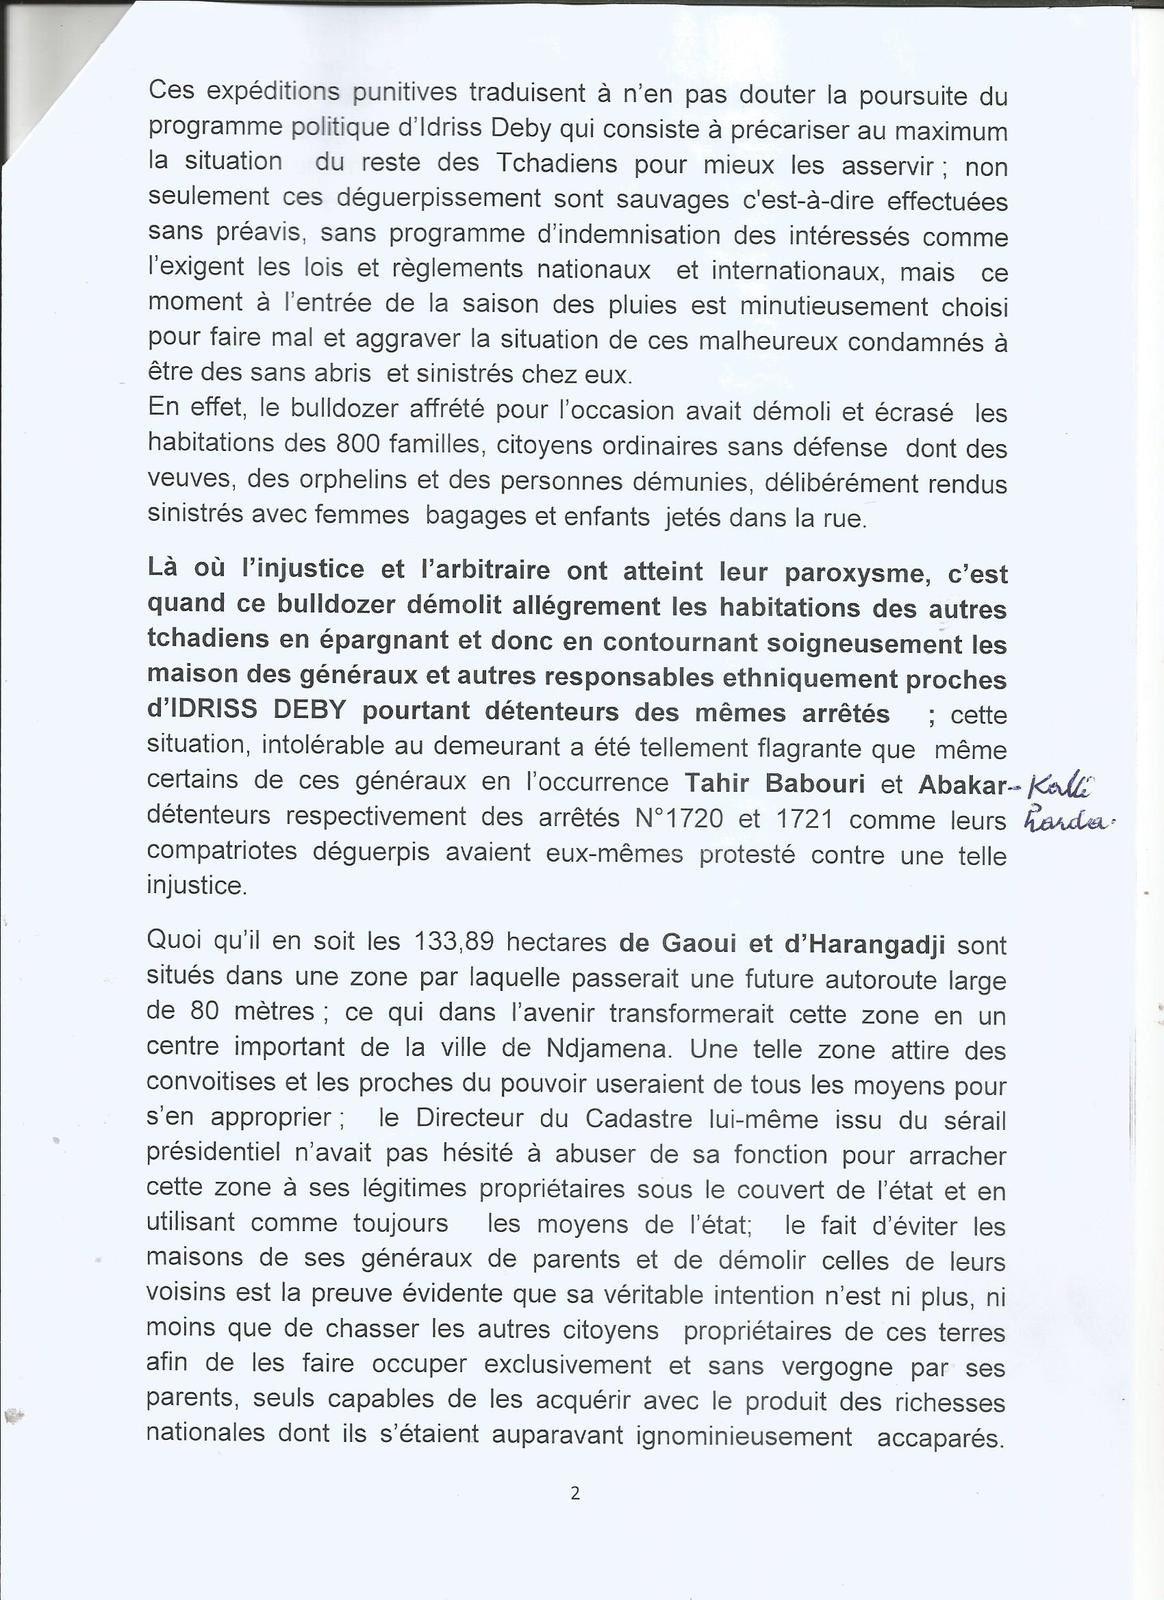 Tchad: communiqué conjoint de la C.T.D.D.H et de la Commission foncière de Gaoui pour la justice